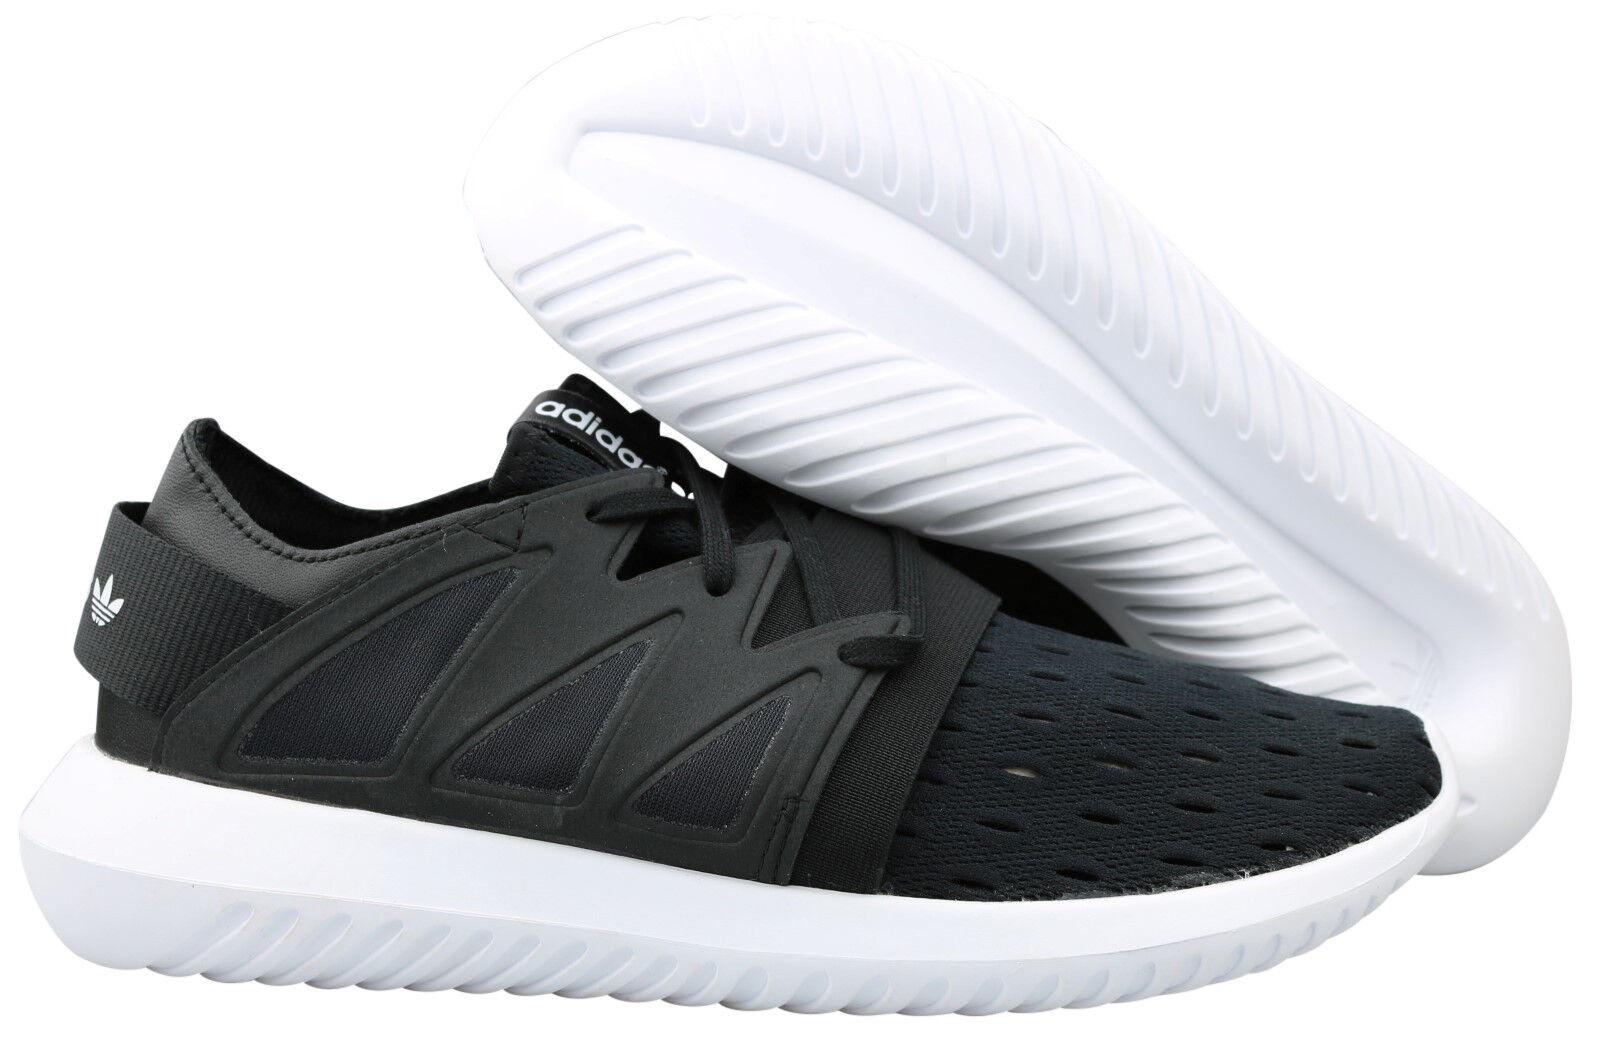 Adidas Originals Tubular Viral Viral Viral W Sneaker Femmes Chaussures aq3112 T 36 - 44 NOUVEAU neuf dans sa boîte | Technologies De Pointe  | De Haute Qualité  | Une Bonne Réputation Dans Le Monde Entier  b3f11a